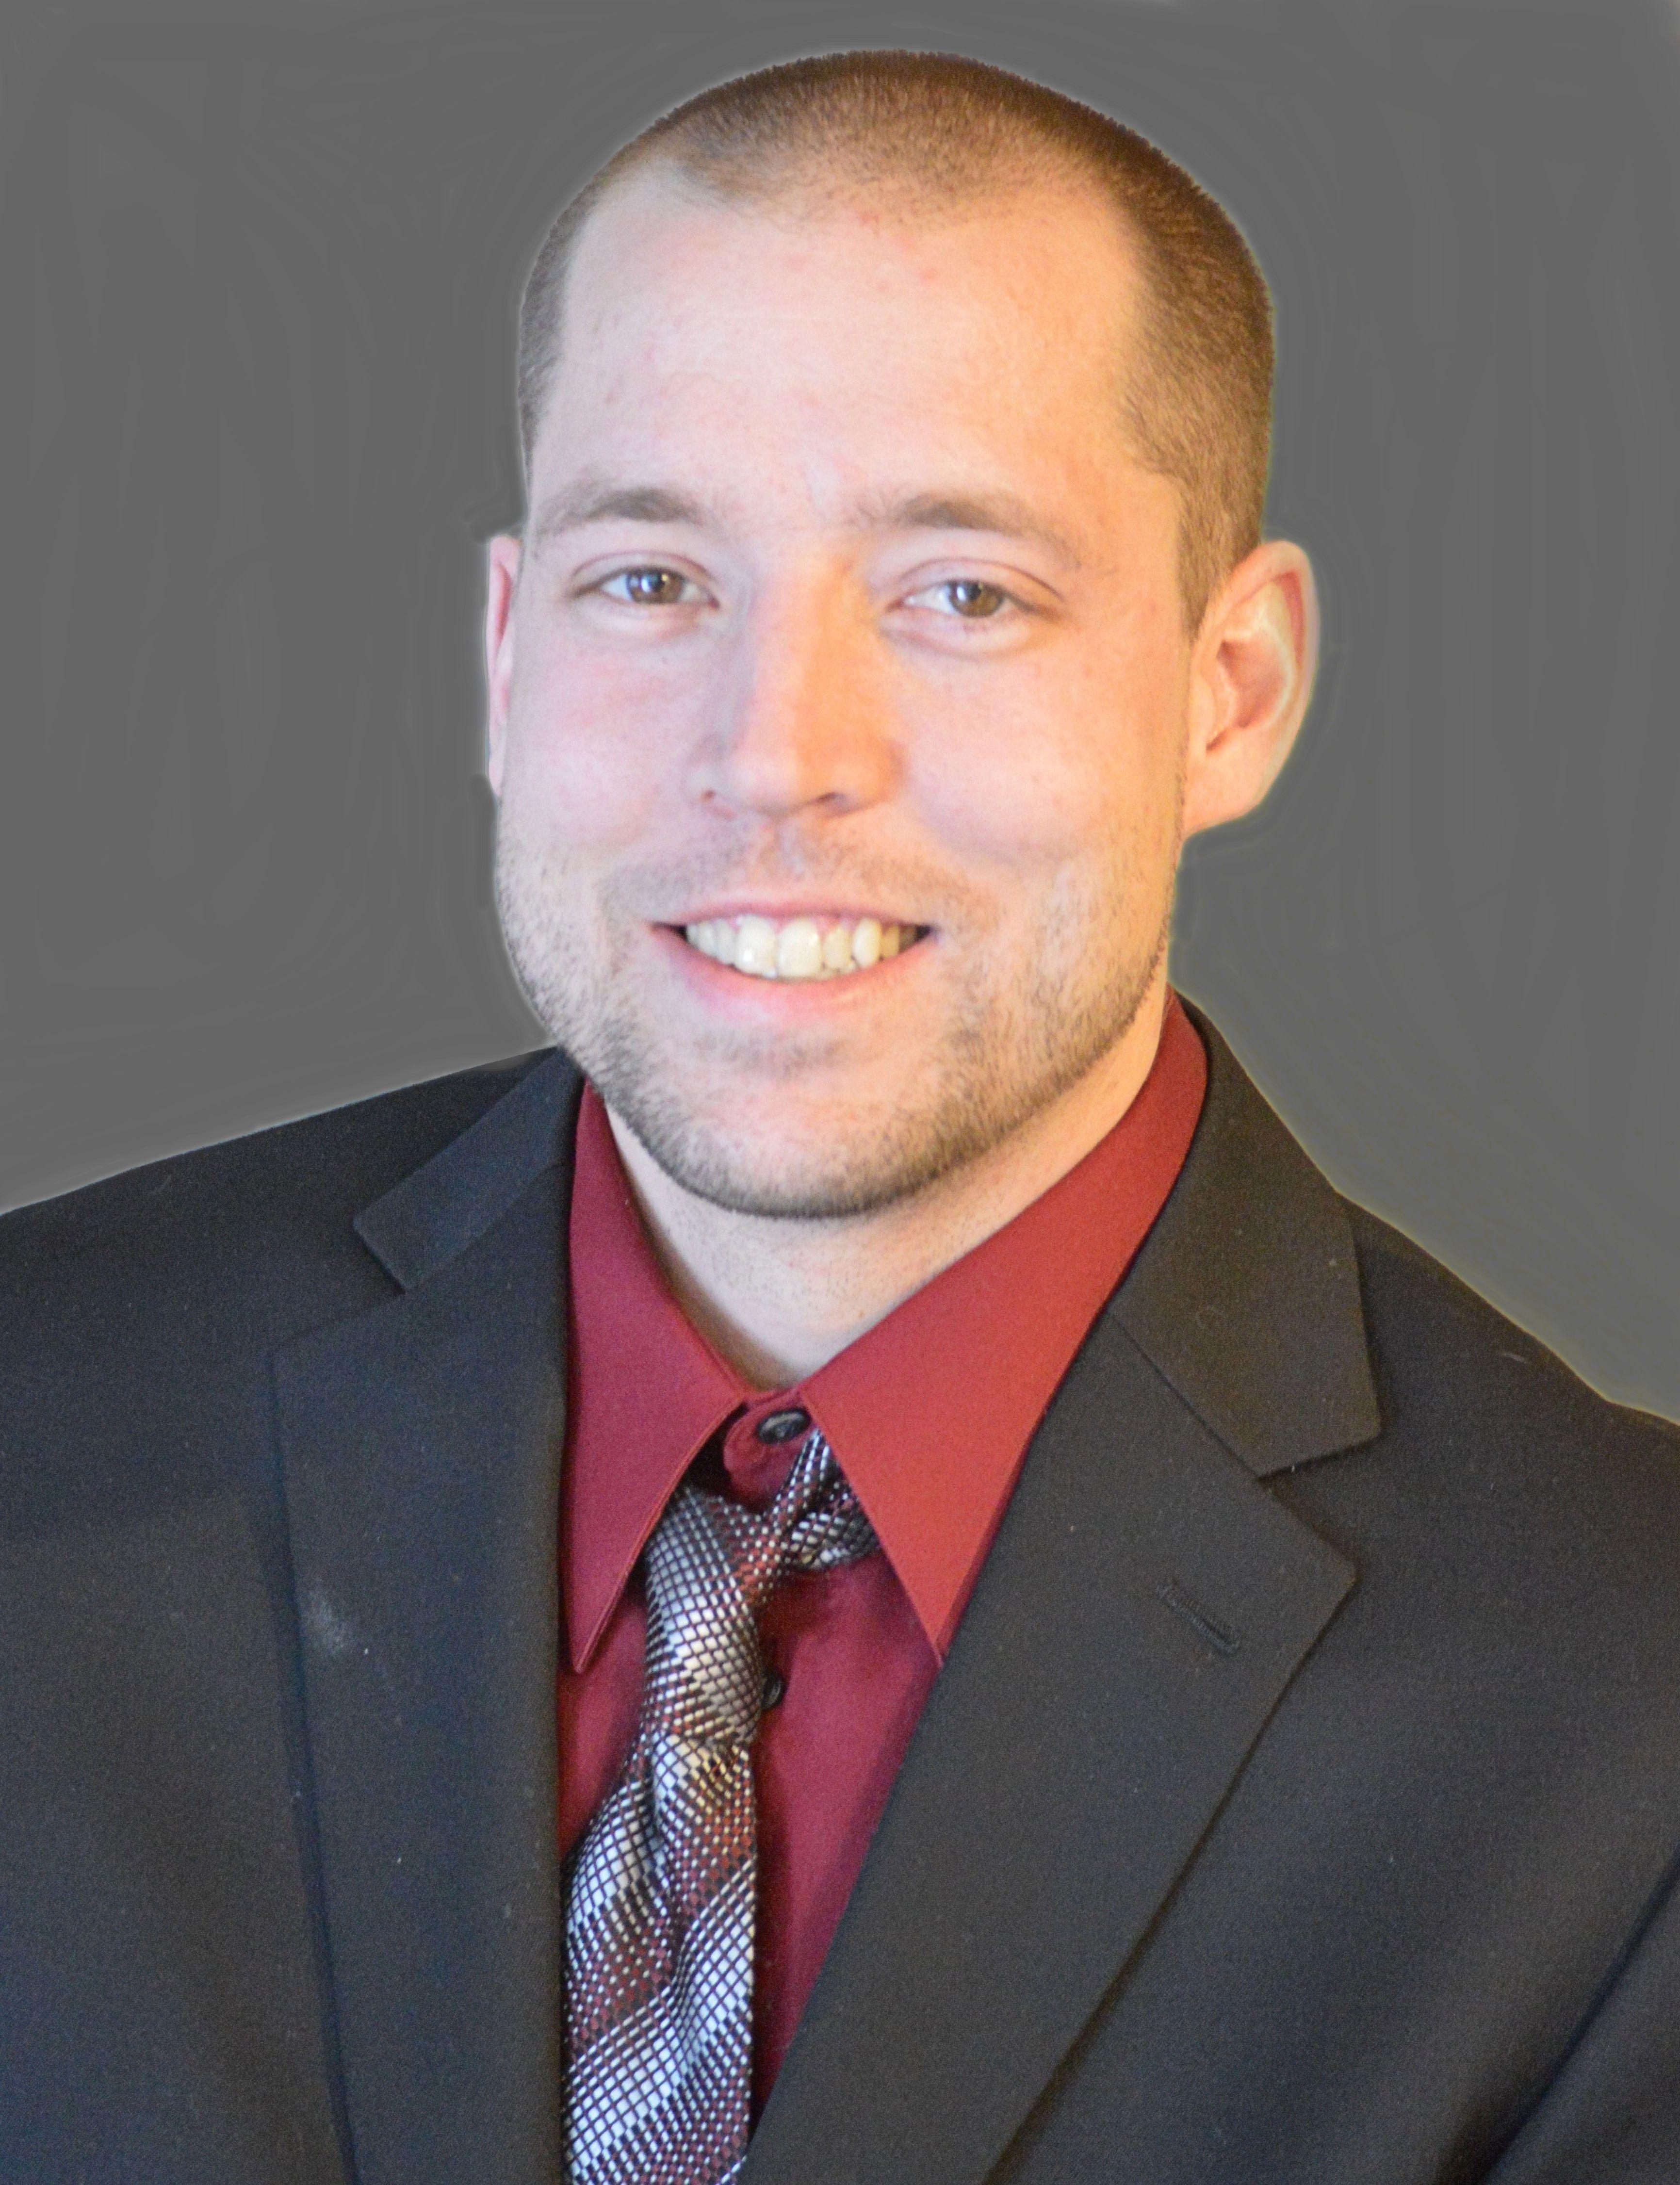 Drew Knutson